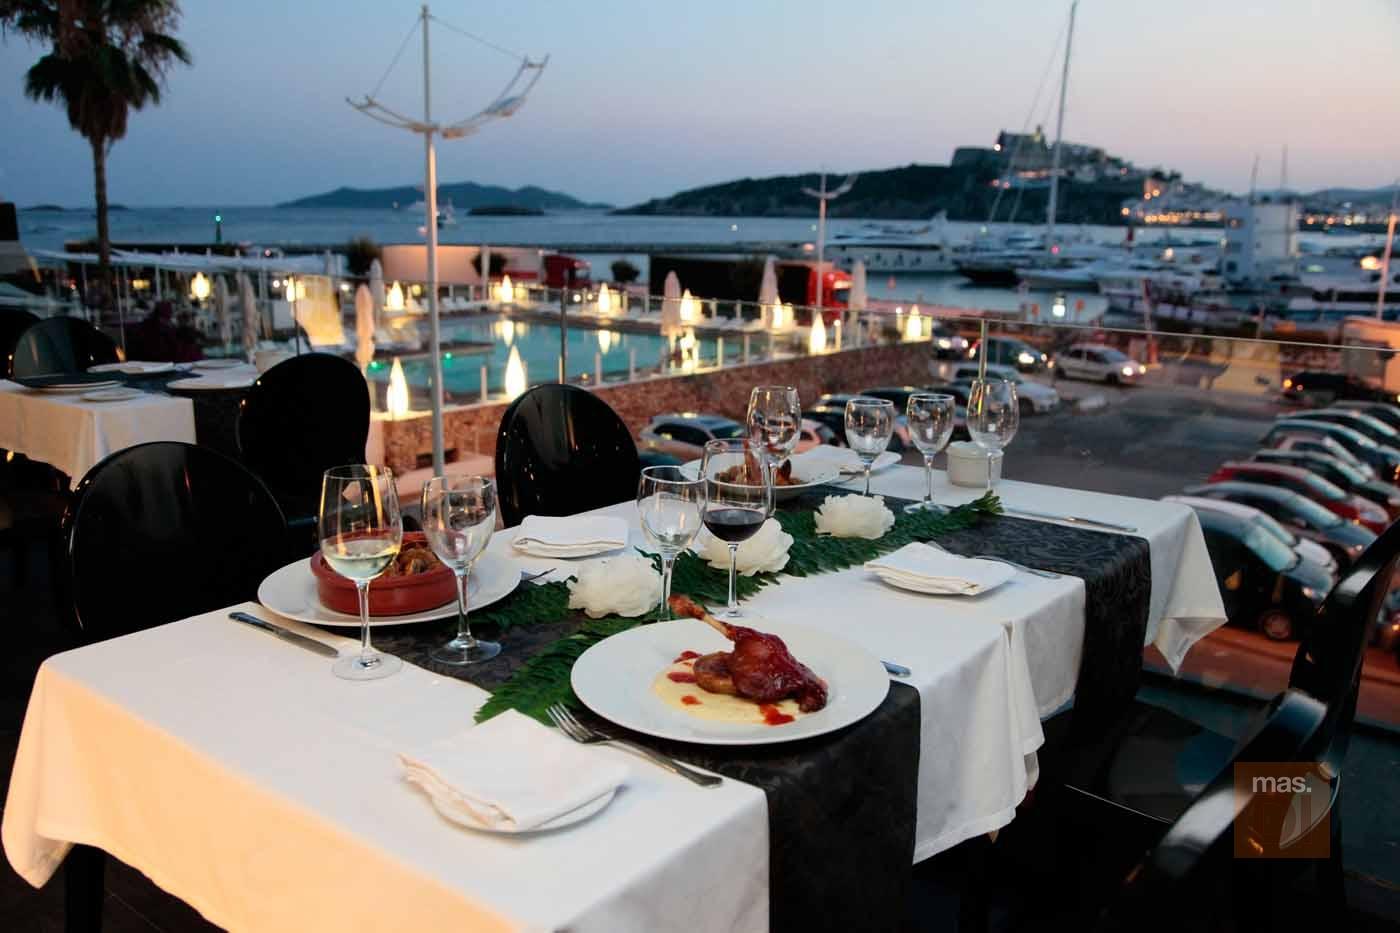 Ibiza Corso Hotel & Spa | Sundown Ibiza Suites & Spa. La magia del mar y Dalt Vila